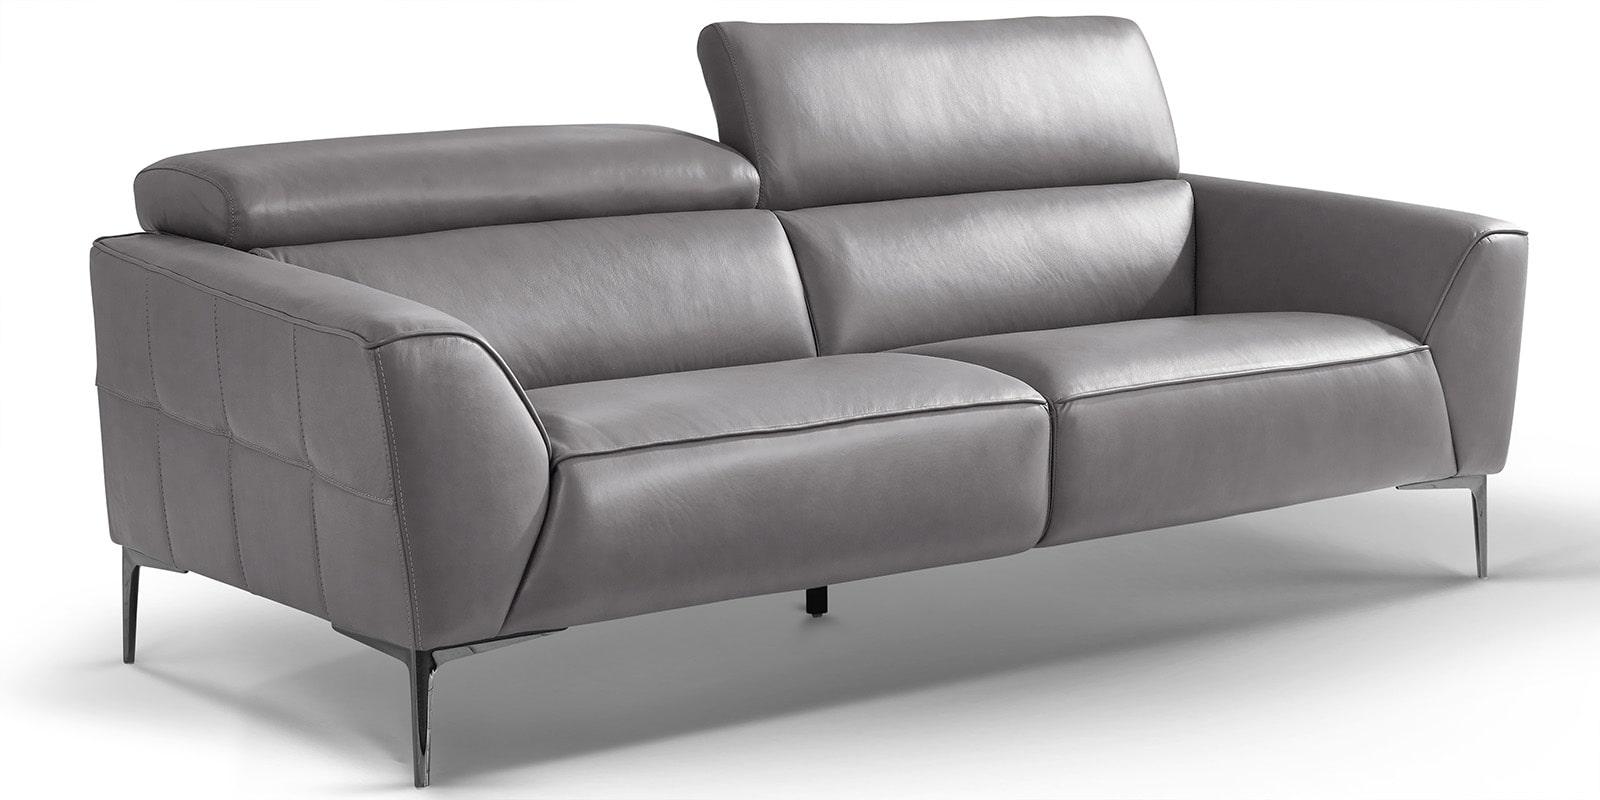 Full Size of 3 Sitzer Design Ledercouch Lazio Mit Chromfen 2 Sofa Relaxfunktion Modernes Grau Benz Halbrundes Angebote Federkern Hersteller Garnitur Teilig Schillig Sofa Sofa 3 Sitzer